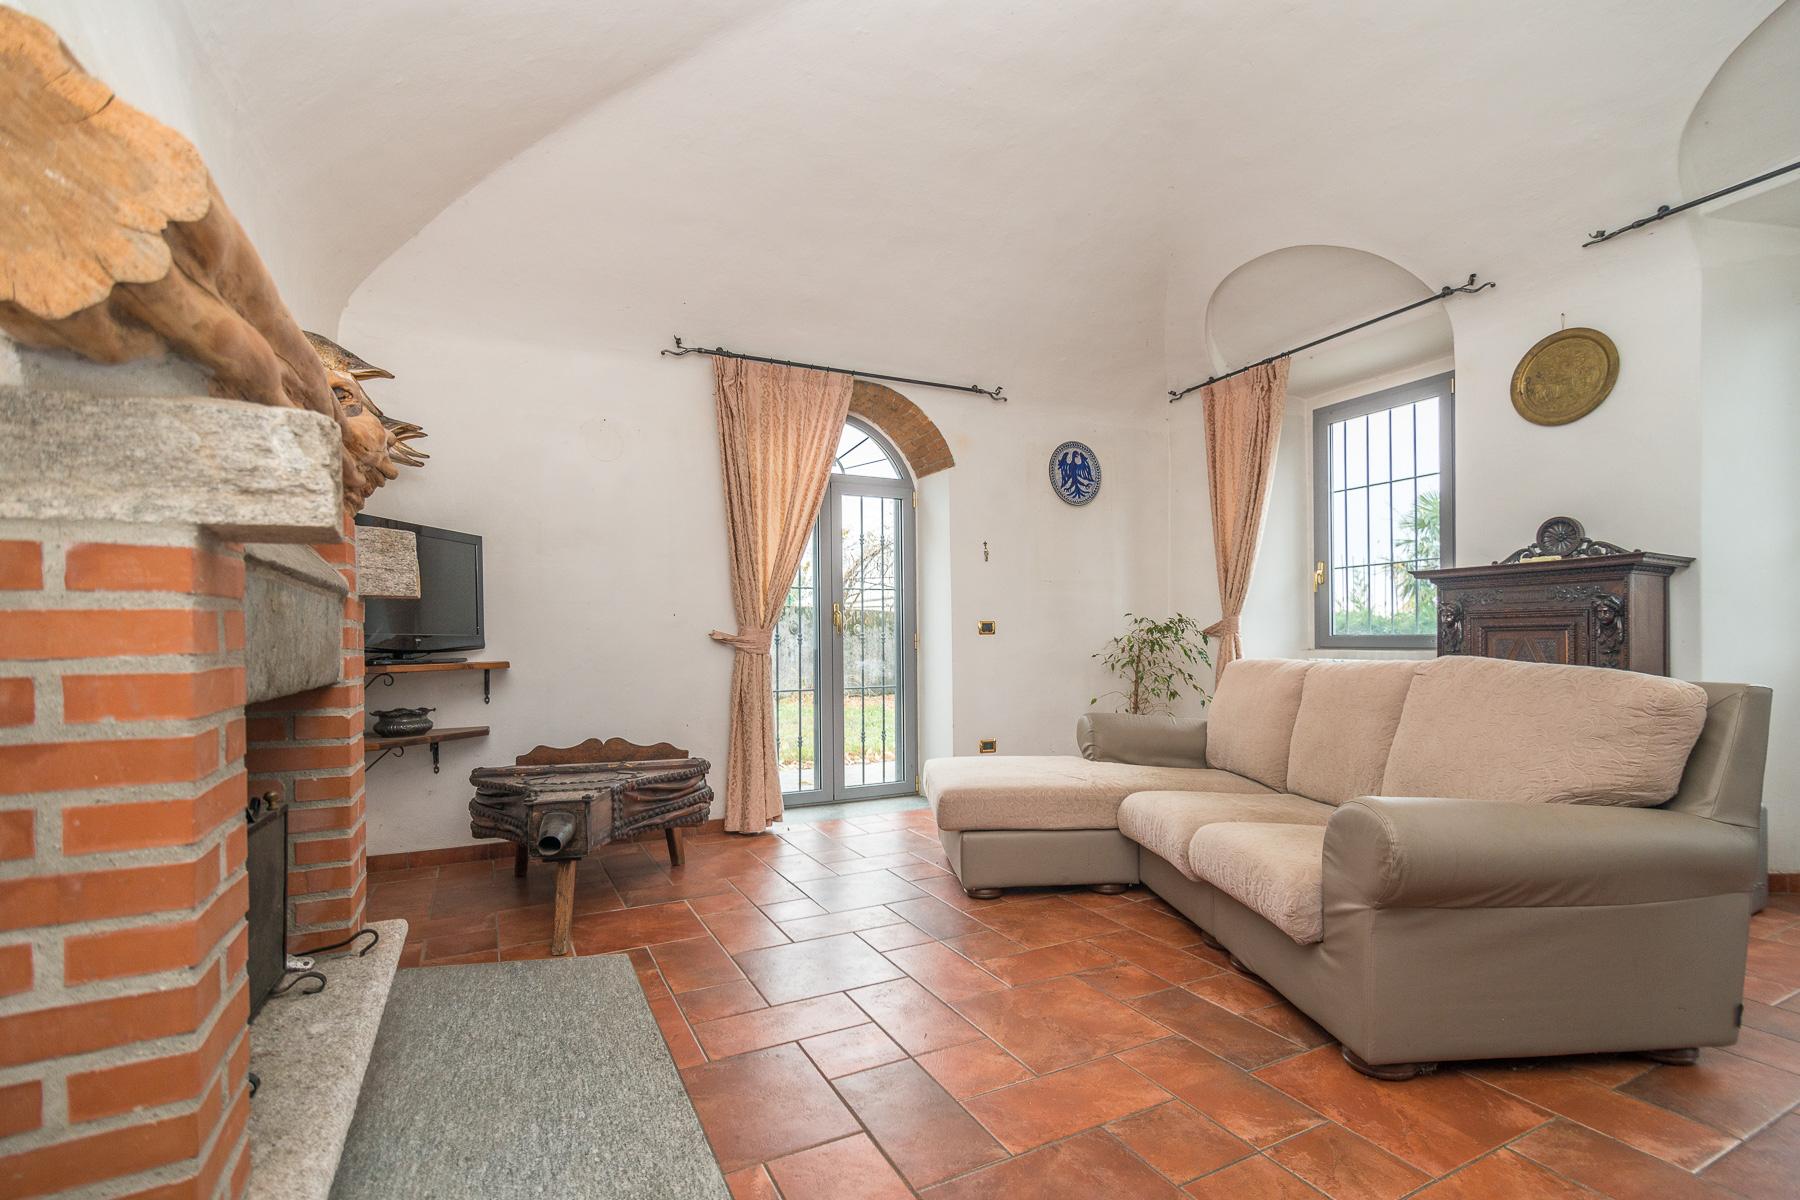 Villa in Vendita a Leggiuno: 5 locali, 350 mq - Foto 8